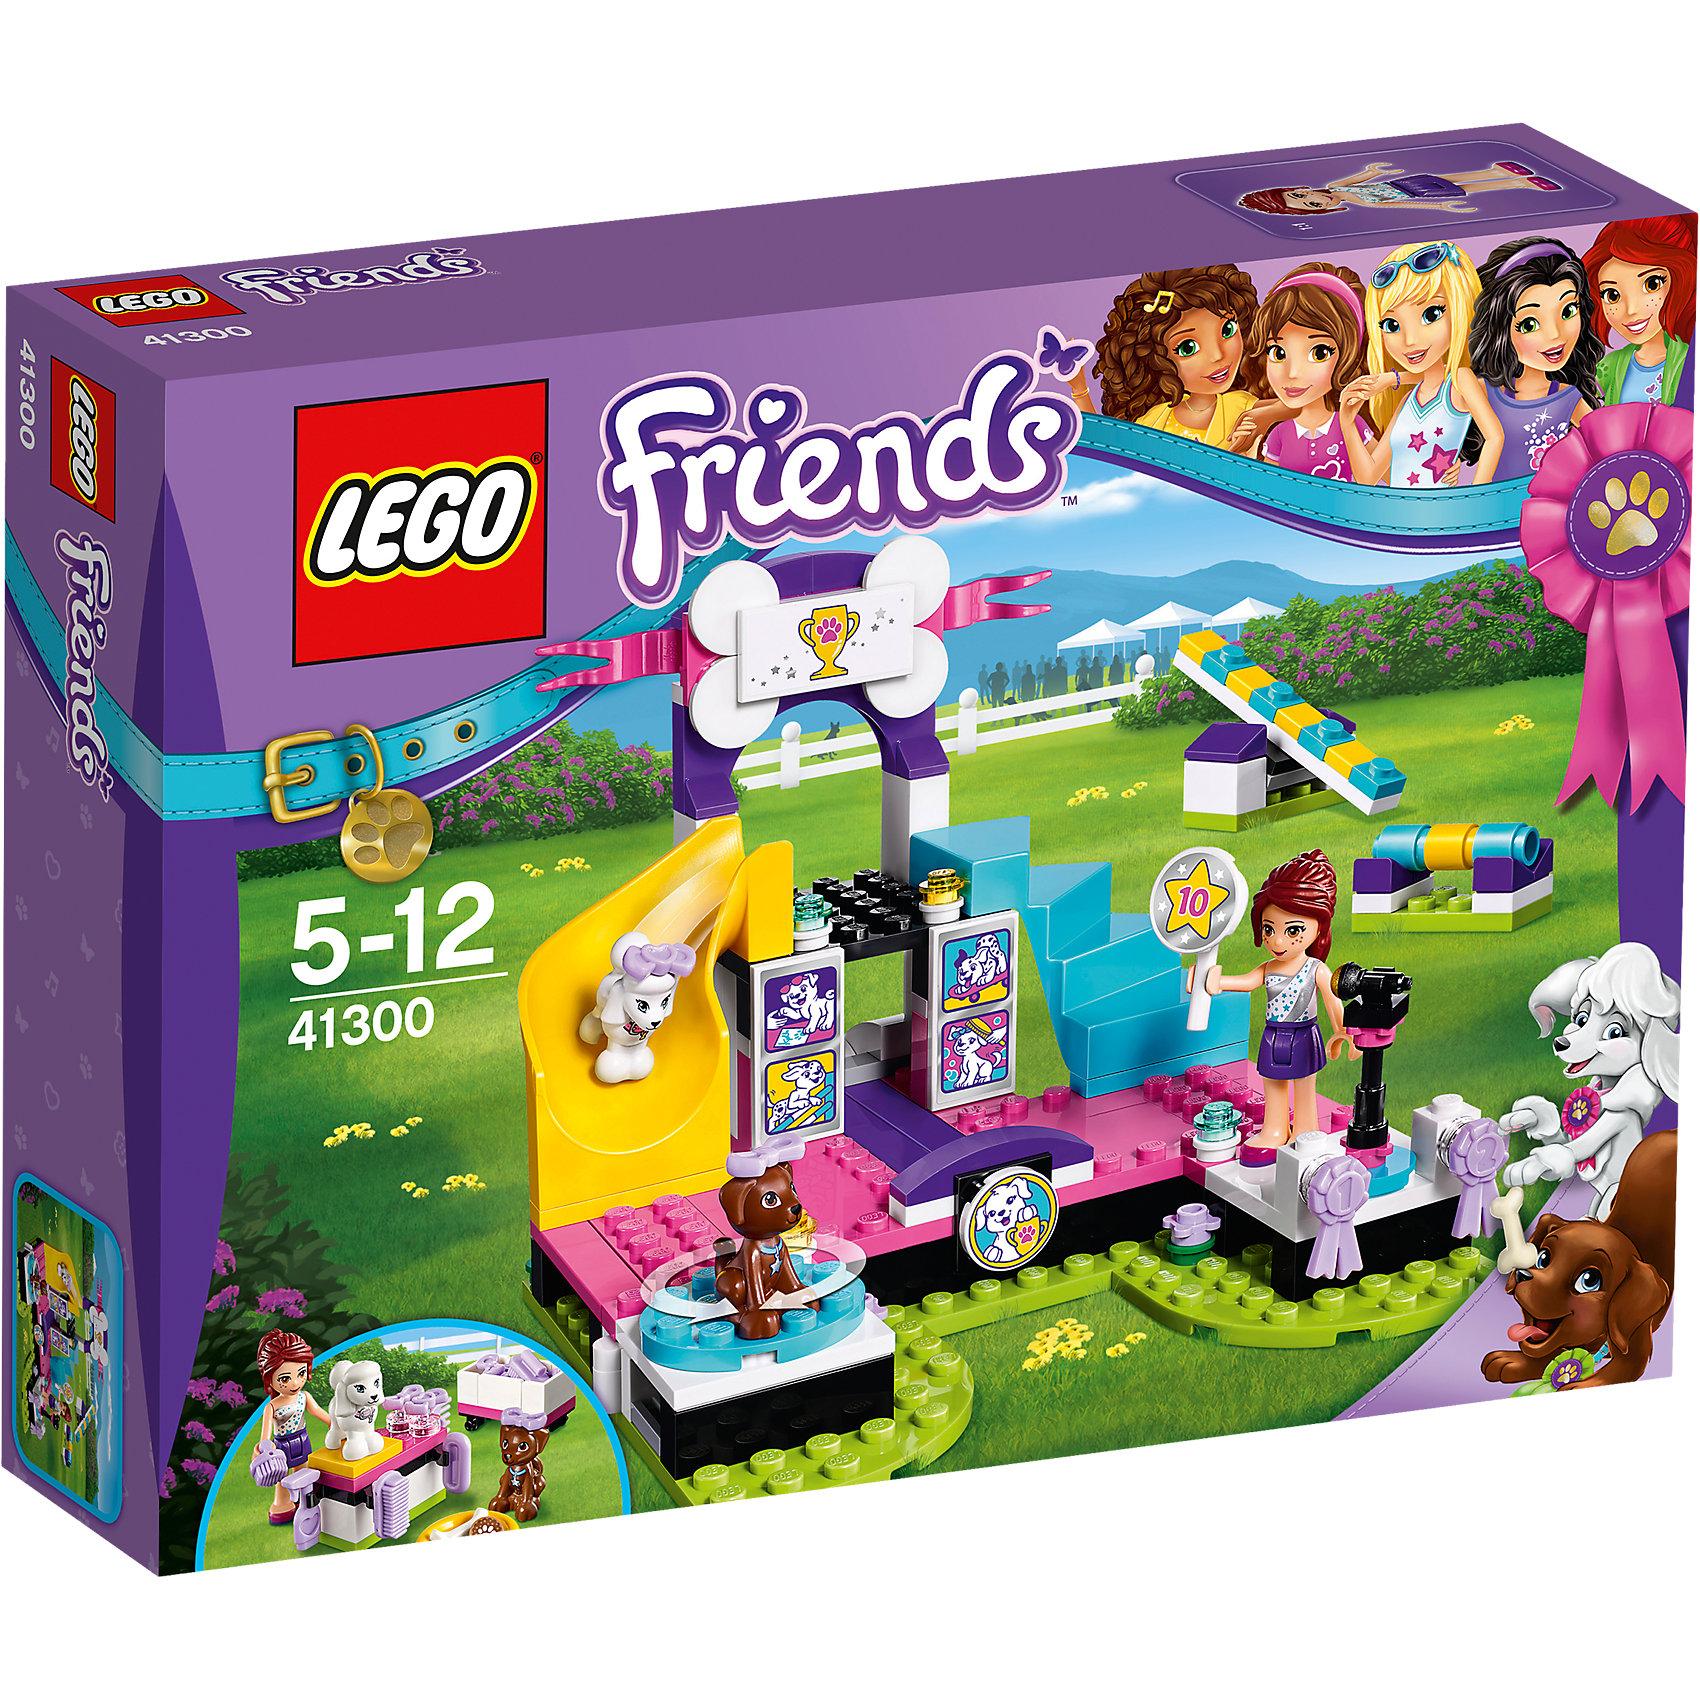 LEGO Friends 41300: Выставка щенков: ЧемпионатПластмассовые конструкторы<br>LEGO Friends 41300: Выставка щенков: Чемпионат<br><br>Характеристики:<br><br>- в набор входит: детали сцены и препятсвий для кросса, фигурка Мии, 2 щенка, аксессуары, красочная инструкция<br>- состав: пластик<br>- количество деталей: 185<br>- размер сцены: 16 * 10 * 13 см.<br>- для детей в возрасте: от 5 до 12 лет<br>- Страна производитель: Дания/Китай/Чехия<br><br>Легендарный конструктор LEGO (ЛЕГО) представляет серию «Friends» (Друзья) в которую входят наборы конструкторов интересных не только в строительстве, но и в игре. <br><br>Серия разработана с учетом различных повседневных ситуаций и мест. Присоединяйся к Мие и ее щенкам на выставке собак! Щенки начинают выставку проходя большие ворота, специальный выдвижной механизм перемещает фигурки вперед через ворота. На вращающемся столе жюри рассматривают породу животного и соответствие стандарту породы. Далее щенку предстоит преодолеть полосу препятствий в виде качелей и барьера со съемной планкой. Первый по красоте и ловкости щенок пройдет по ступеням славы и гордо спустится с горки победителем. Специальные призы вручаются и занявшему второе место щенку. Мия тщательно приводит щенков Тину и Скаута в порядок, в набор включены: стол для тримминга, небольшая раковина, все необходимые щетки и расчески, а также съемные бантики с которыми собачки будут выглядеть еще очаровательнее. <br><br>Сама фигурка Мии отлично проработана, ее рельефные волосы уложены в аккуратную прическу, а наряд отлично подходит для такой выставки – блестящий топ и простая фиолетовая юбочка. Фигурка может двигать головой, руками, торсом и принимать сидячее положение. Фигурки щенков вставляются в детали лего, чтобы они не падали, благодаря специальным отверстиям им можно надевать и снимать бантики. <br><br>Играя с конструктором ребенок развивает моторику рук, воображение и логическое мышление, научится собирать по инструкции и создавать свои модели. Придумывайте новые истори